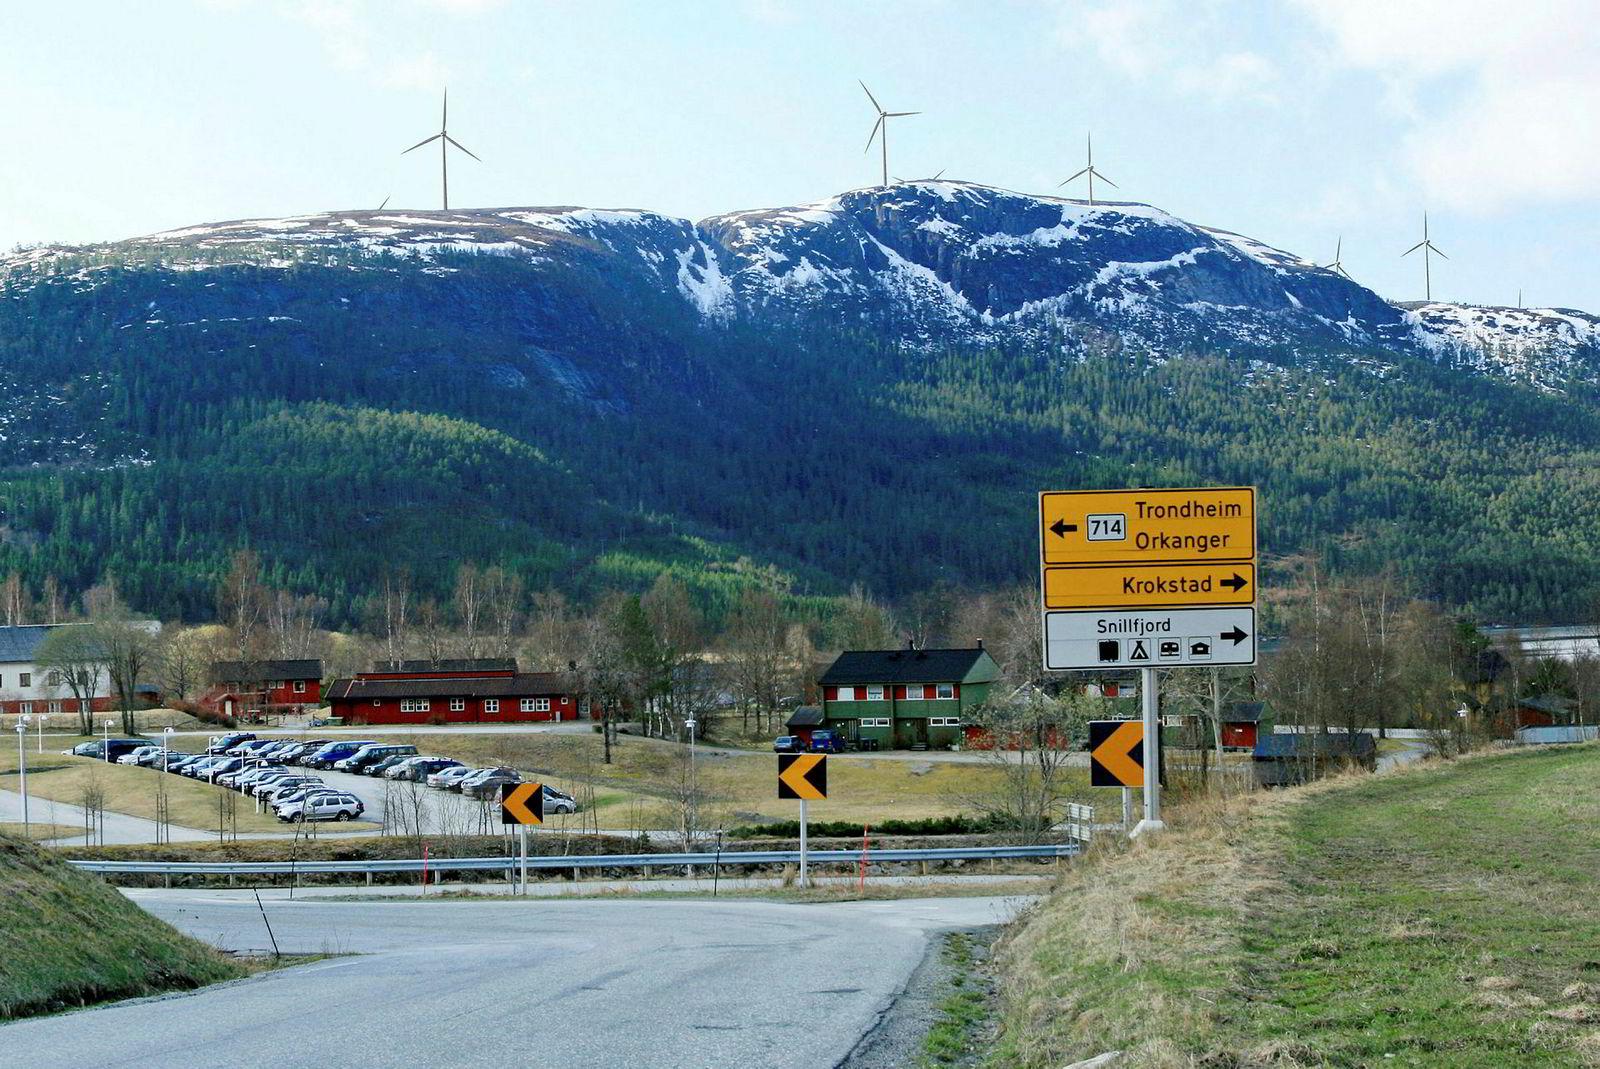 Miljøorganisasjoner prøvde å stoppe vindkraftutbyggingen ved Fosen, som her er illustrert på Geitfjellet.